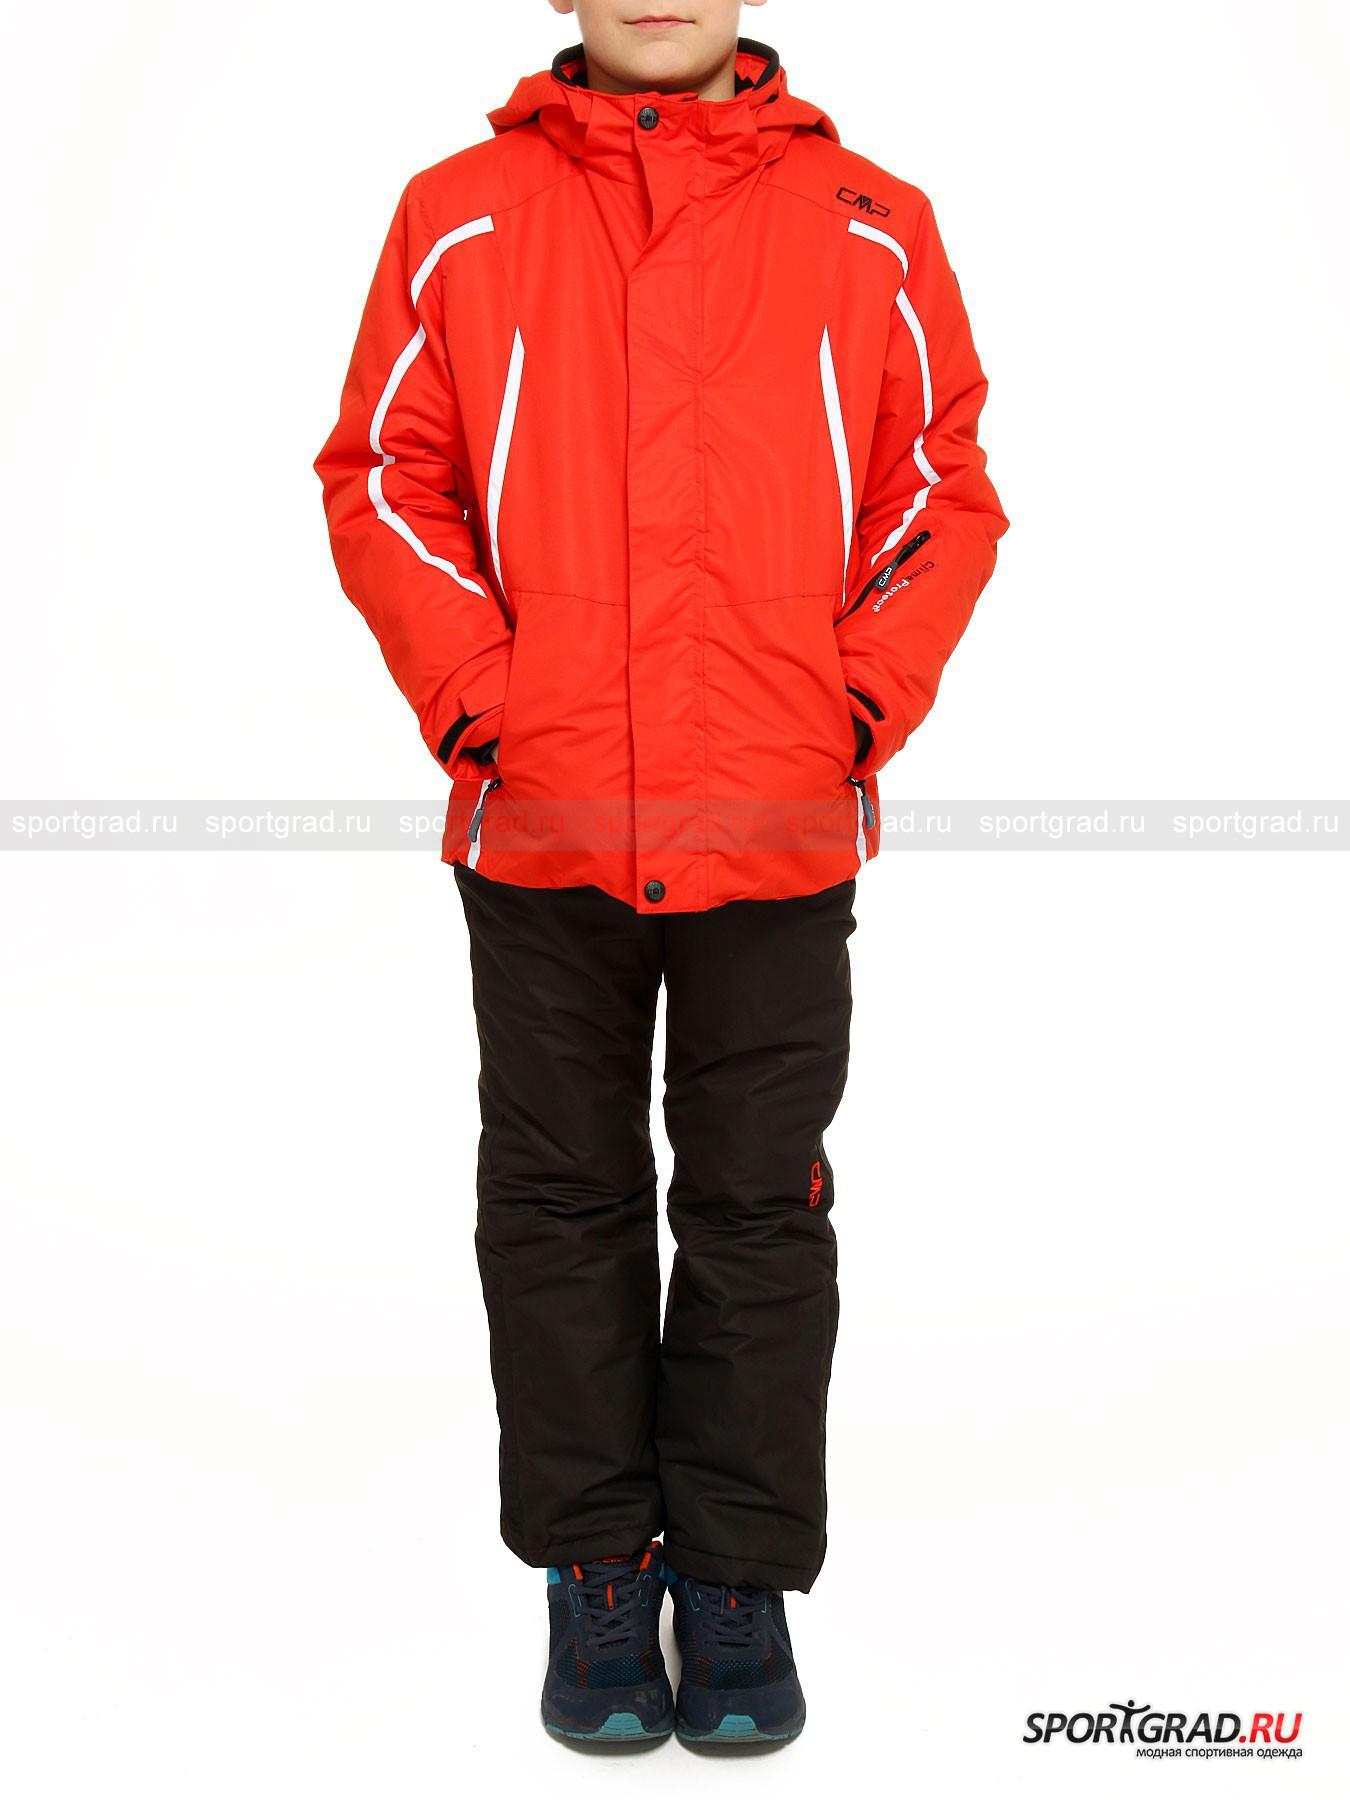 Комплект горнолыжный для мальчиков (куртка брюки) BOY SNAPS HOOD JACKET CAMPAGNOLO